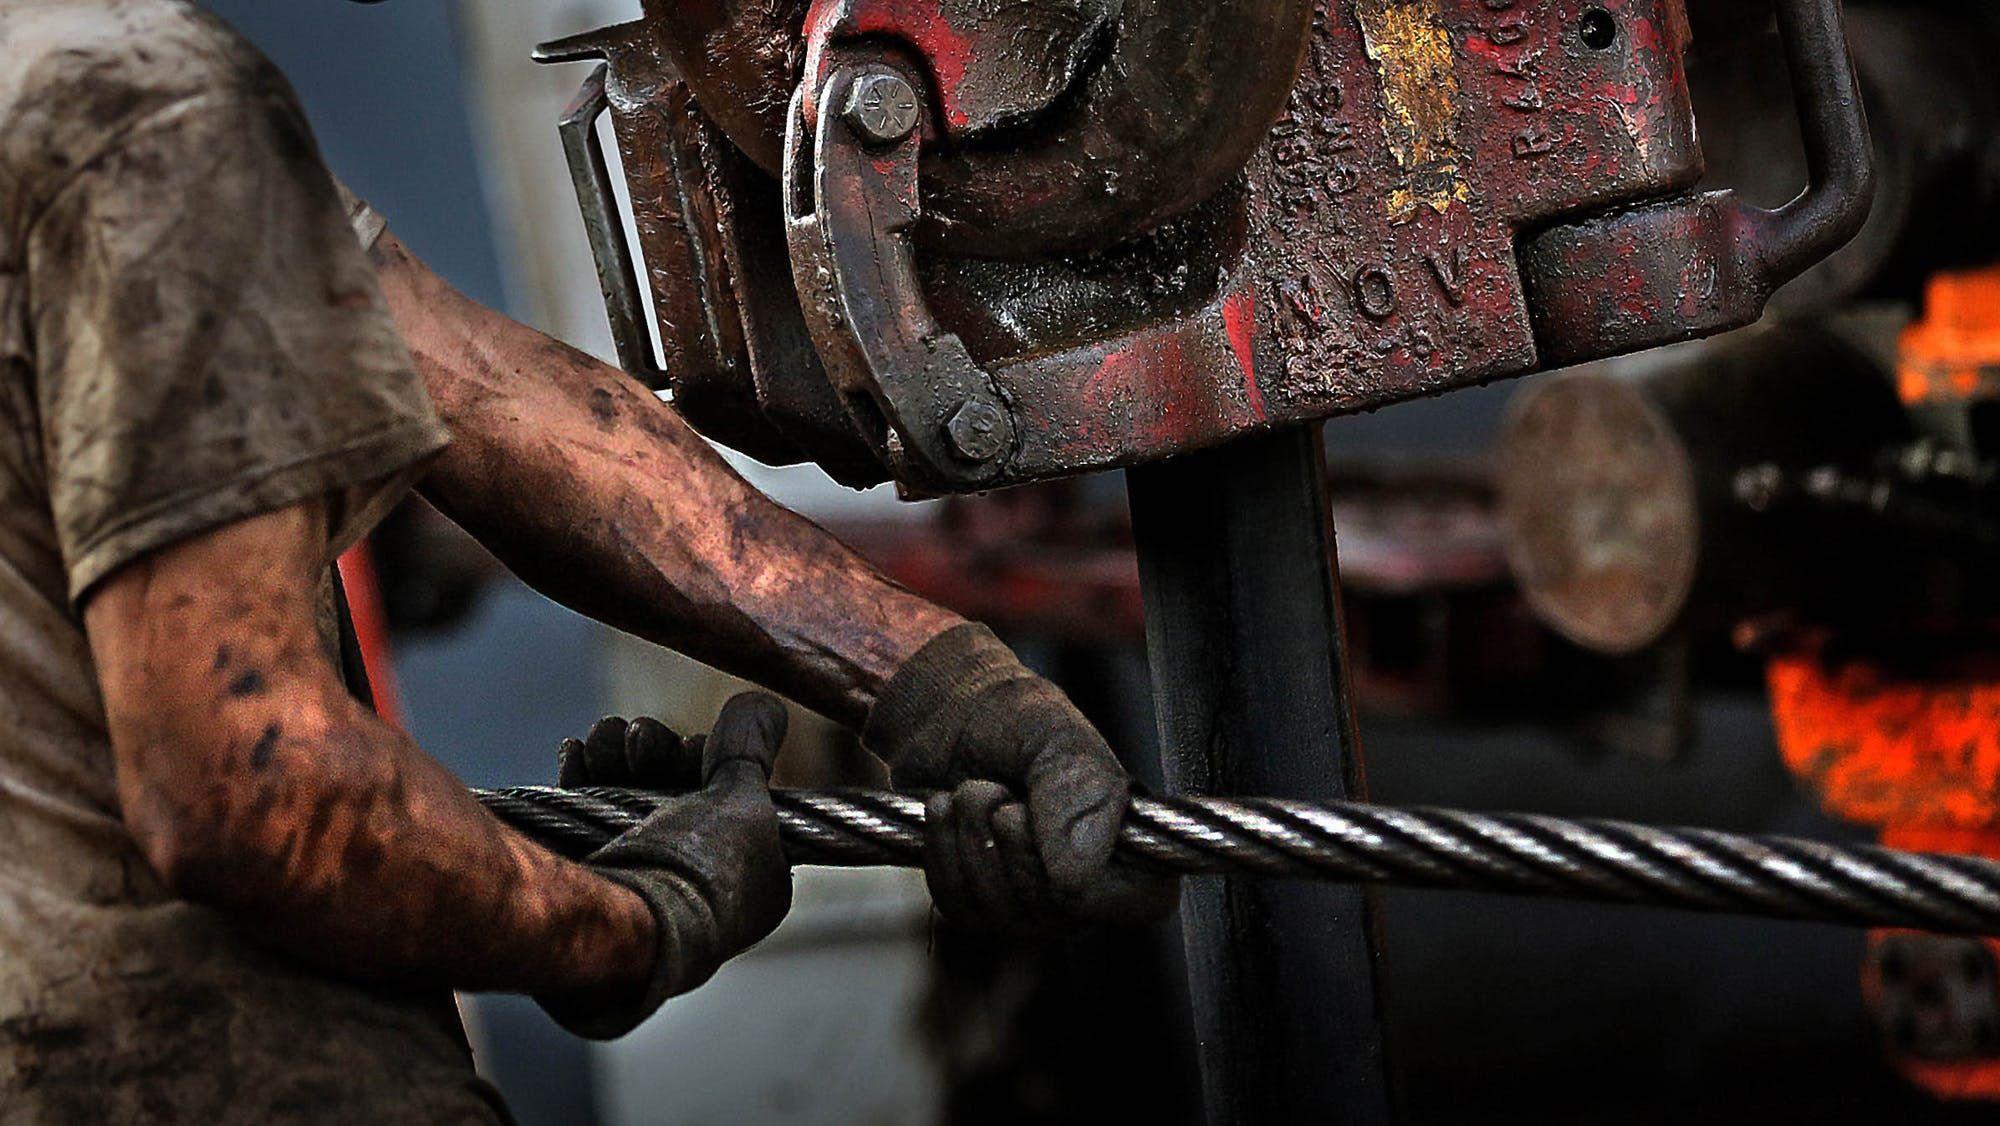 Казахстан нарастил экспорт нефти в Италию и Францию на $500 млн - Kapital.kz